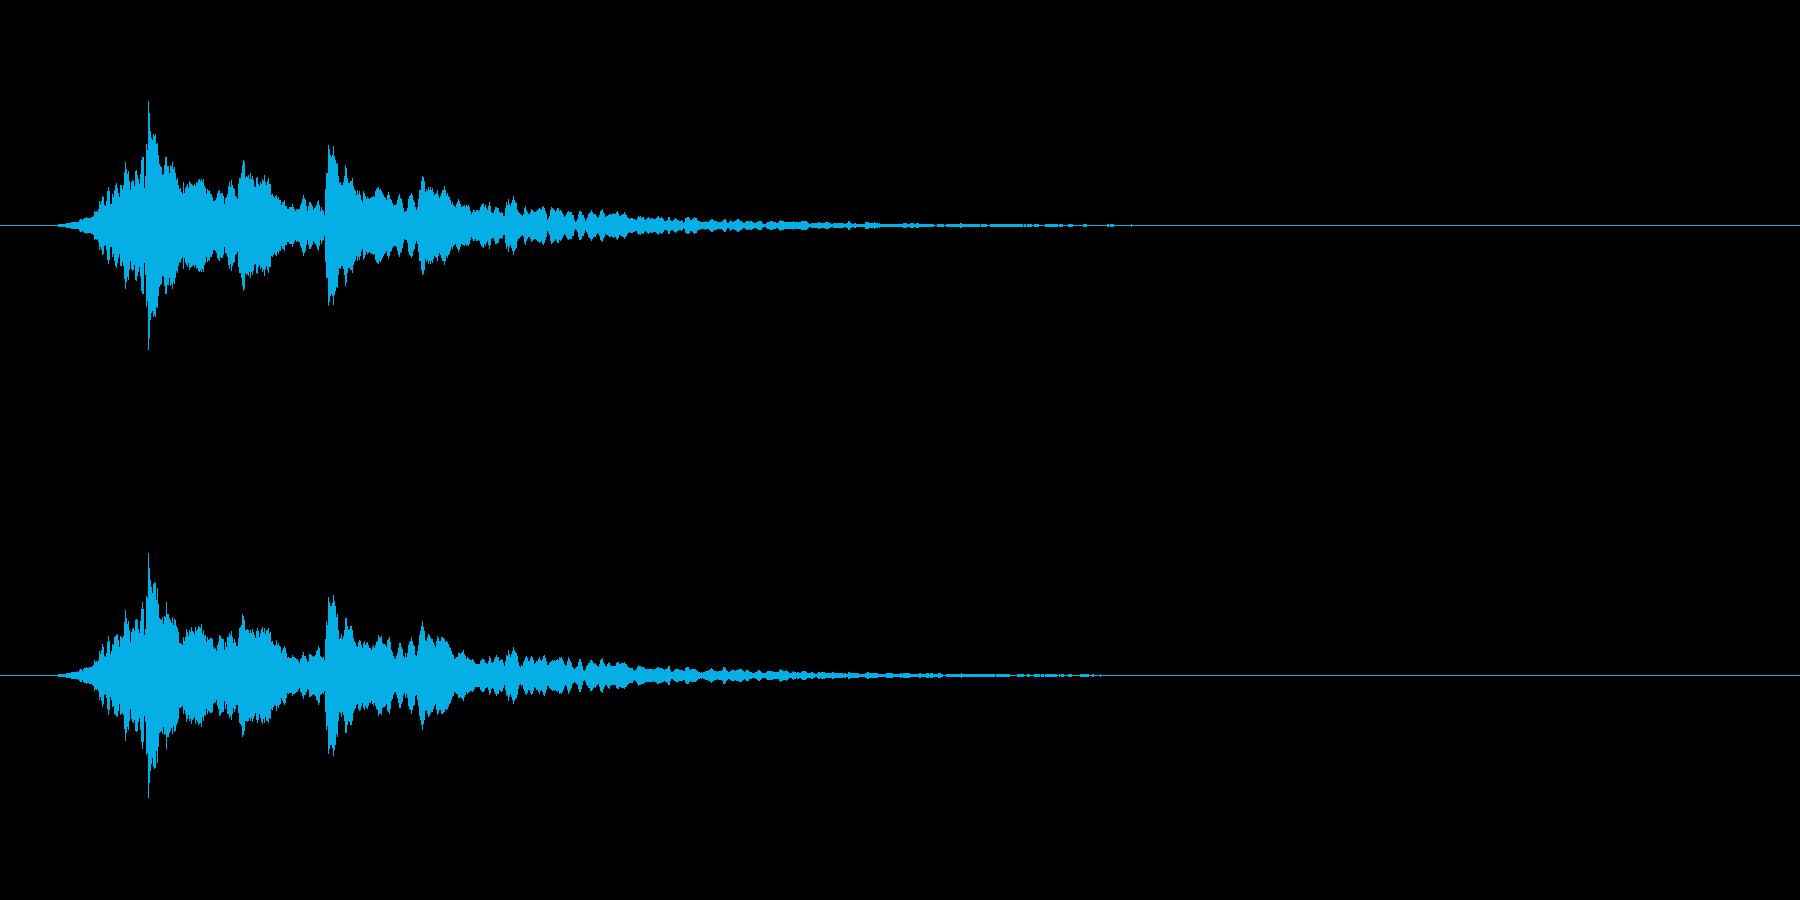 【アクセント12-5】の再生済みの波形